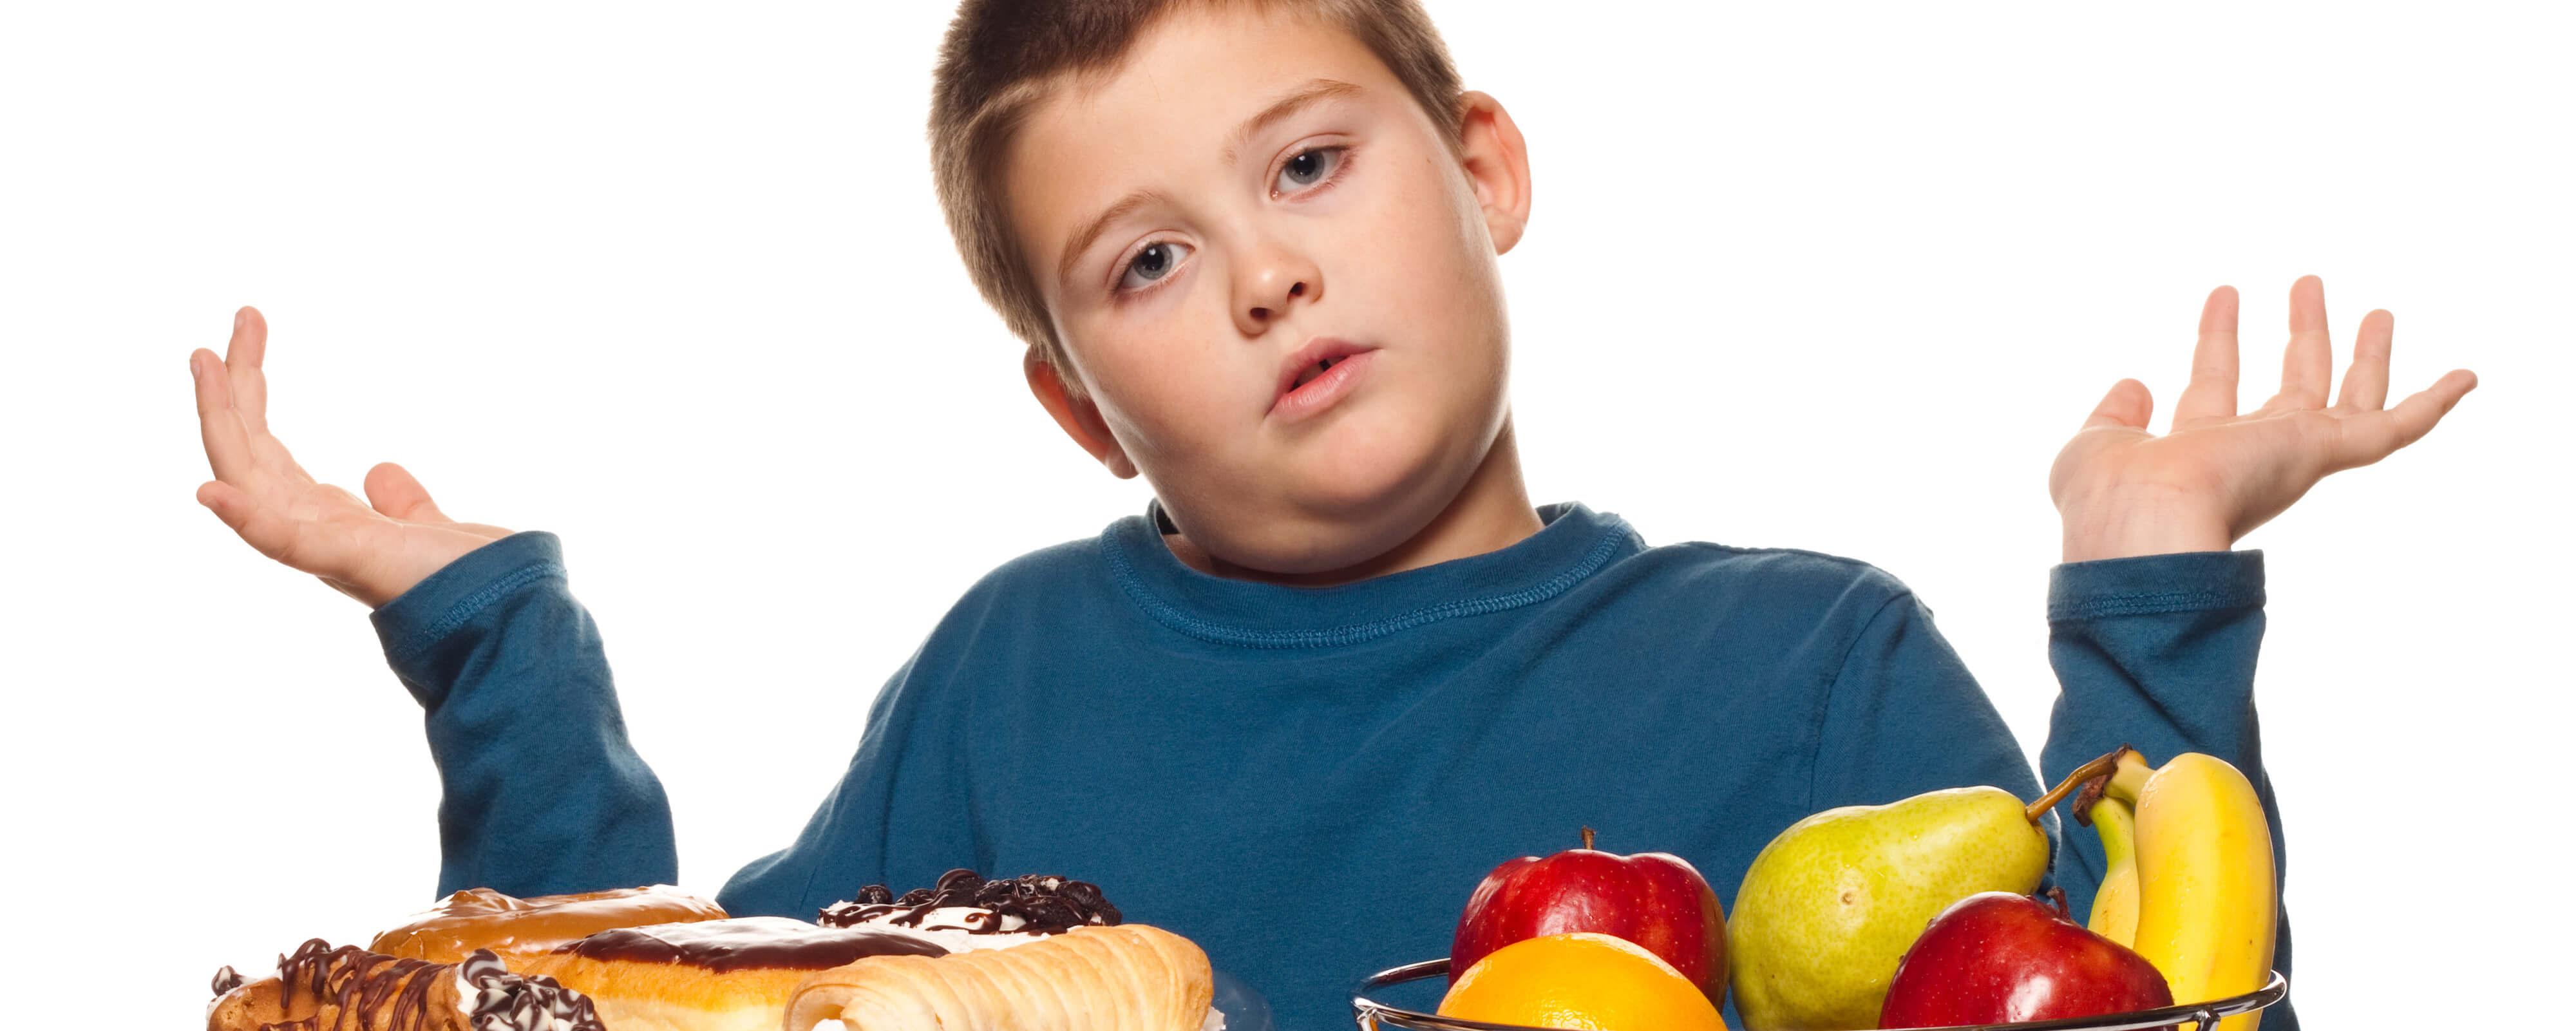 الوقاية من سمنة الاطفال